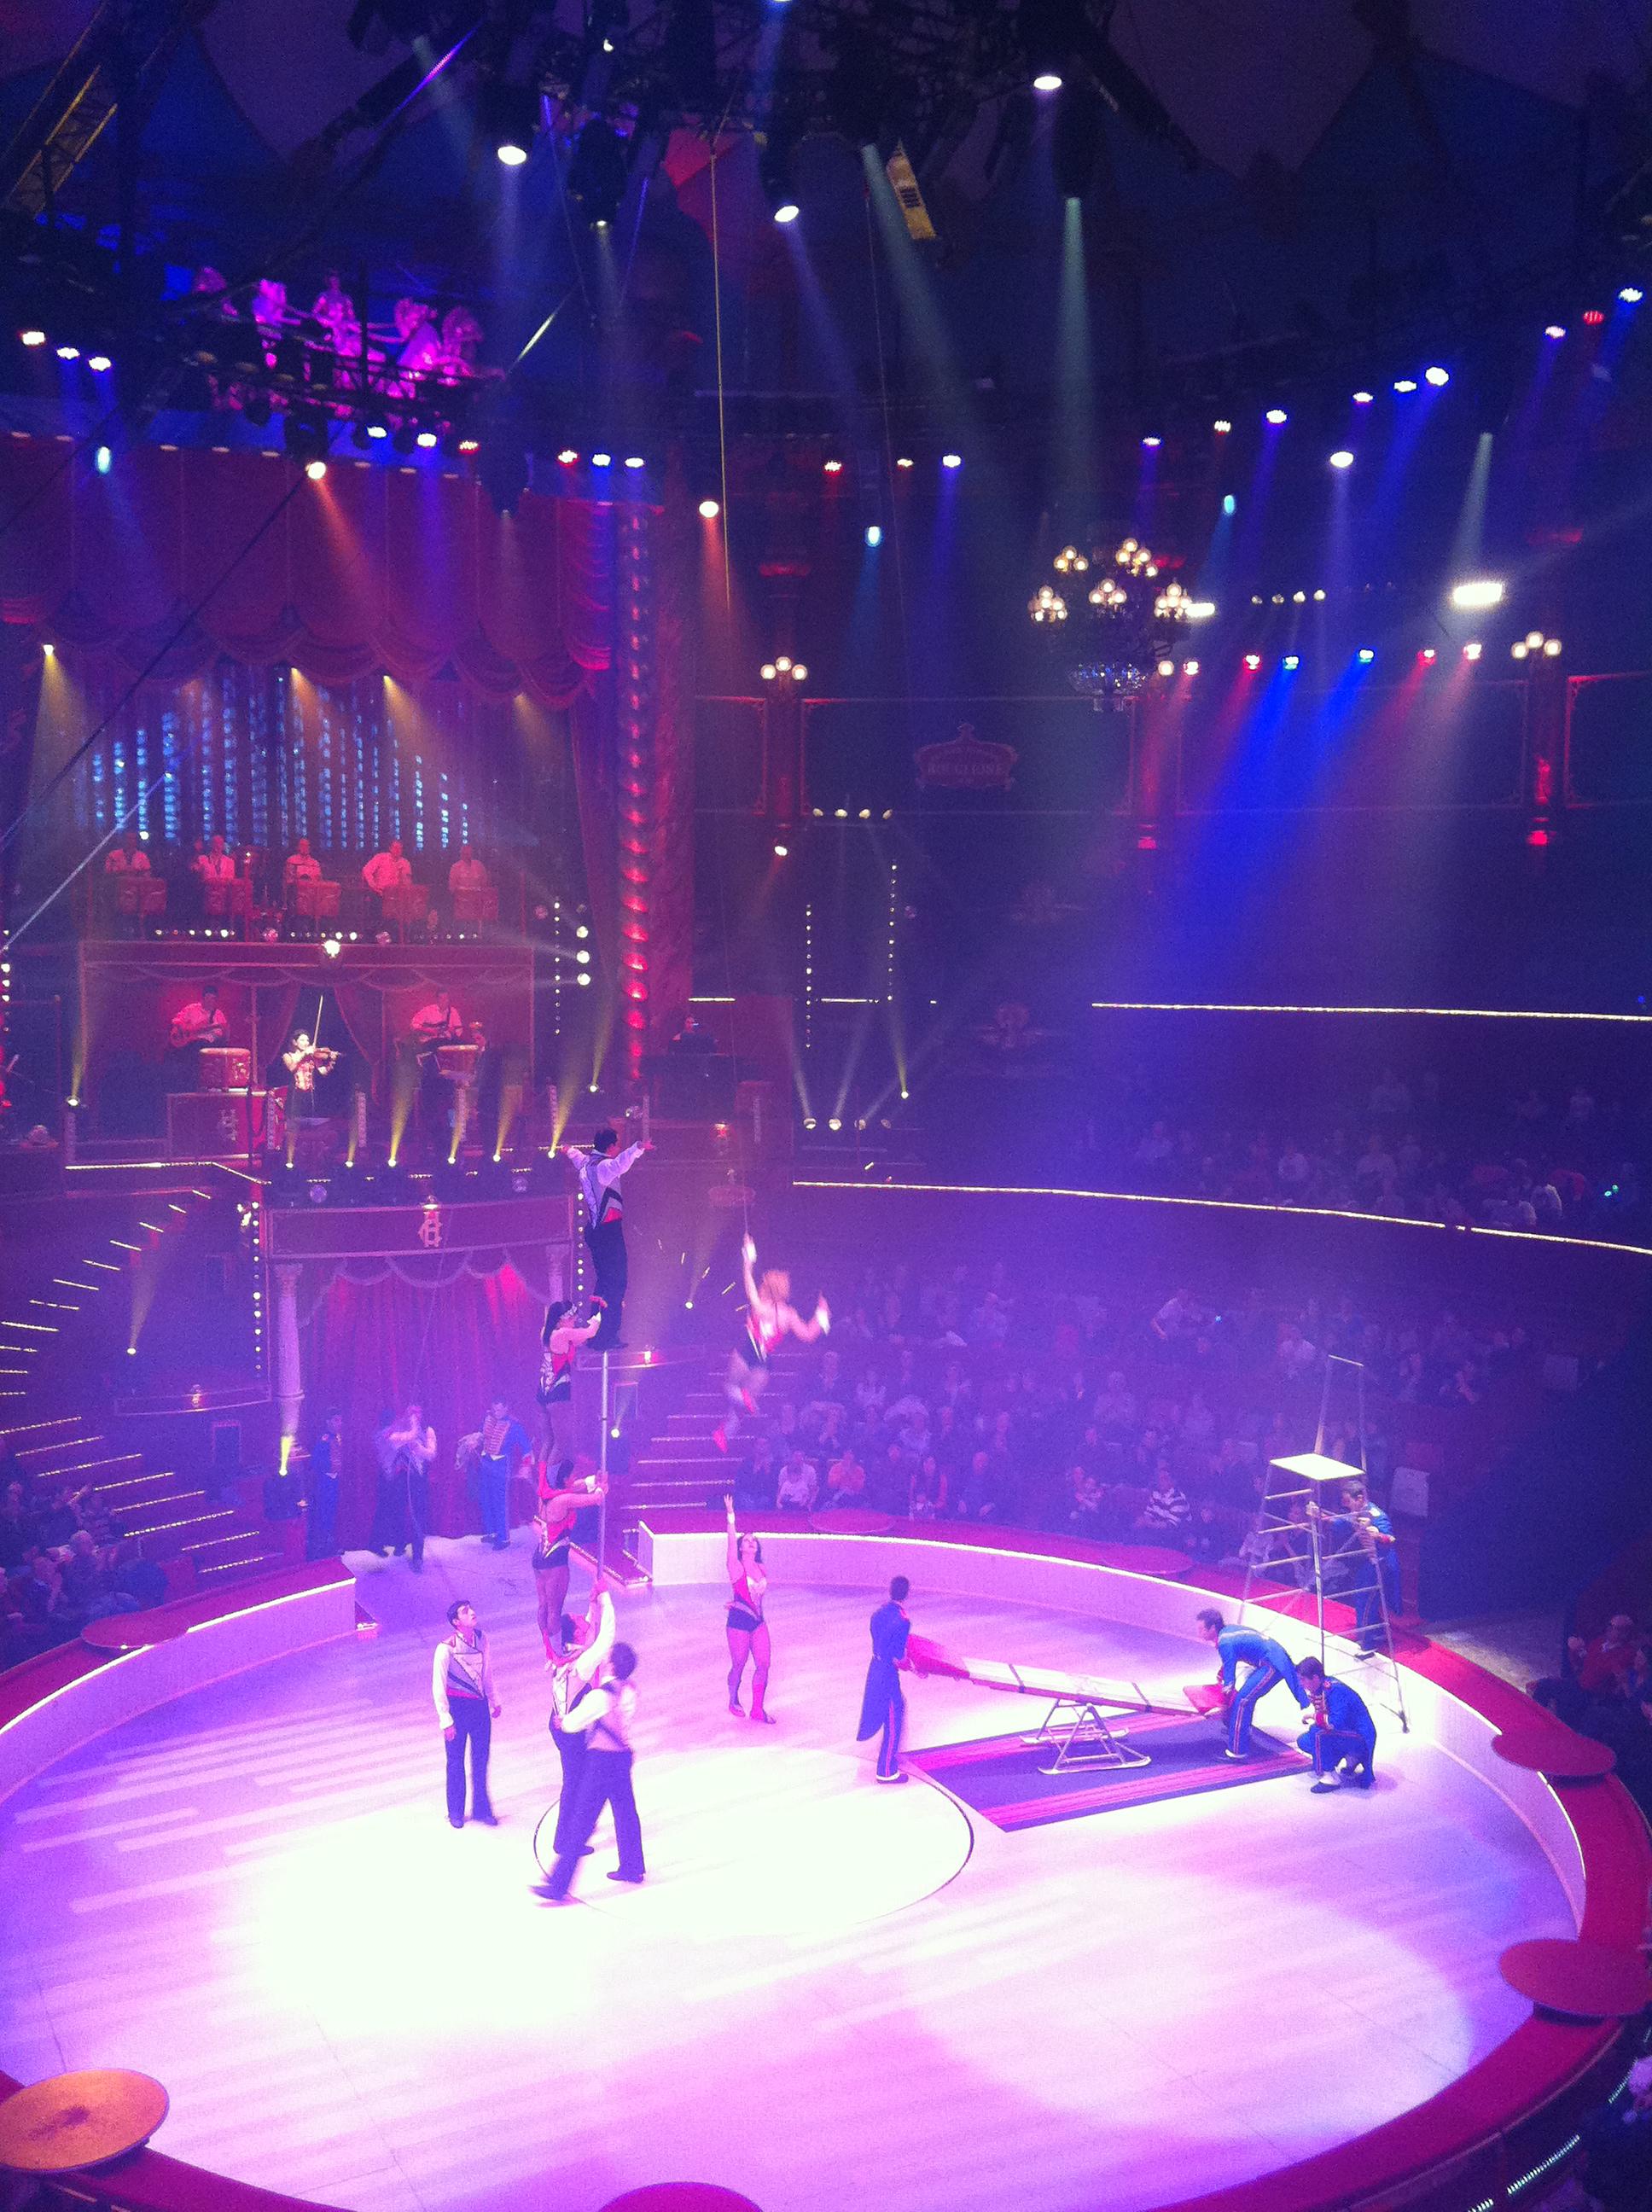 paris sightseeing circus